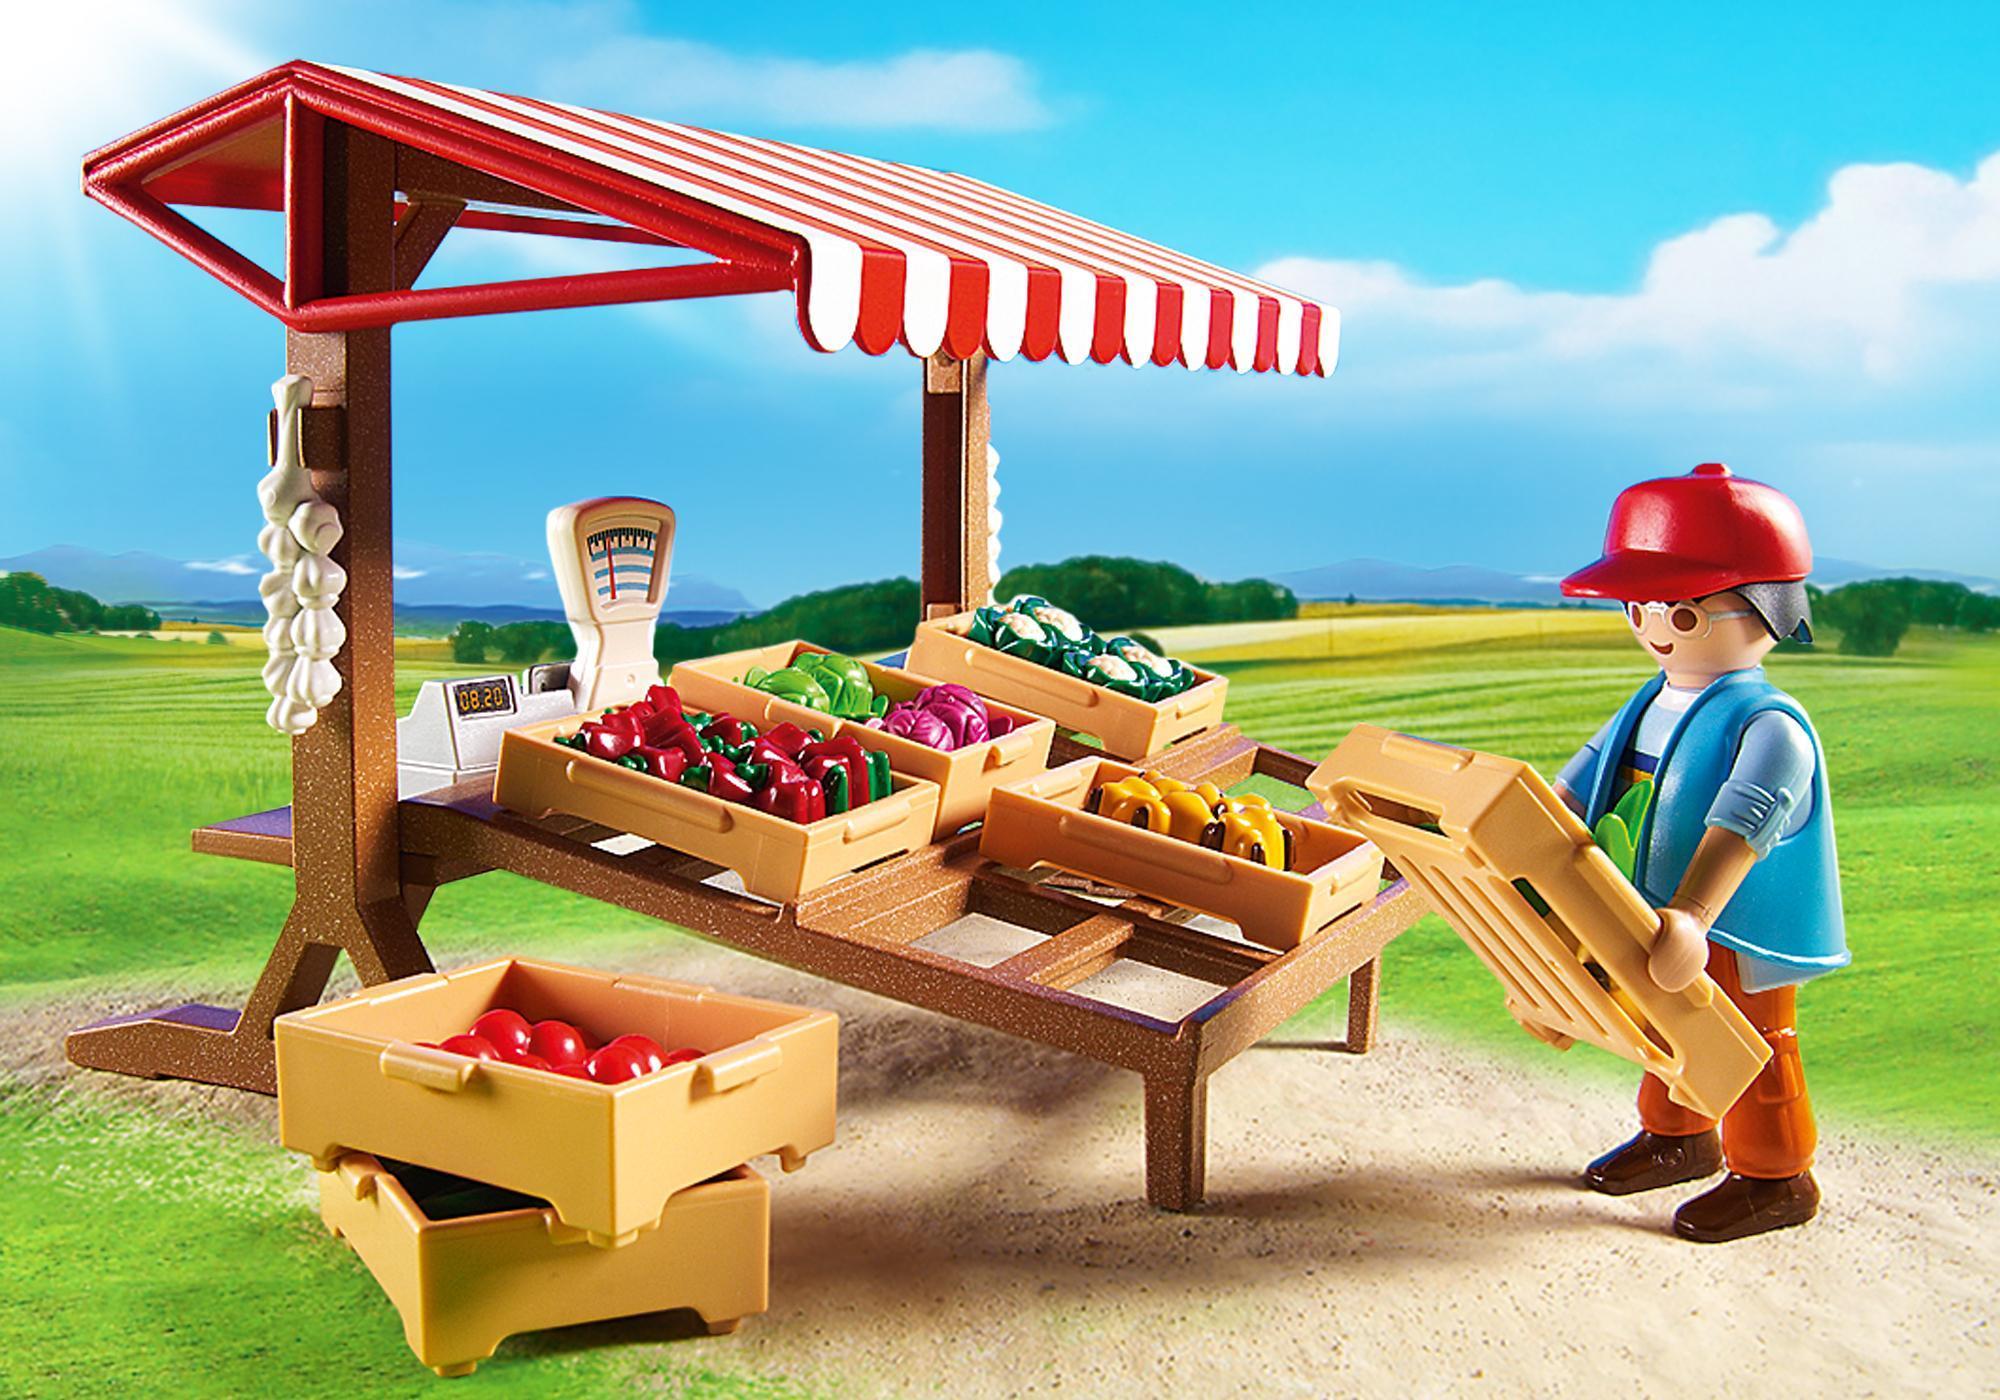 http://media.playmobil.com/i/playmobil/6121_product_extra2/Banca de Vegetais